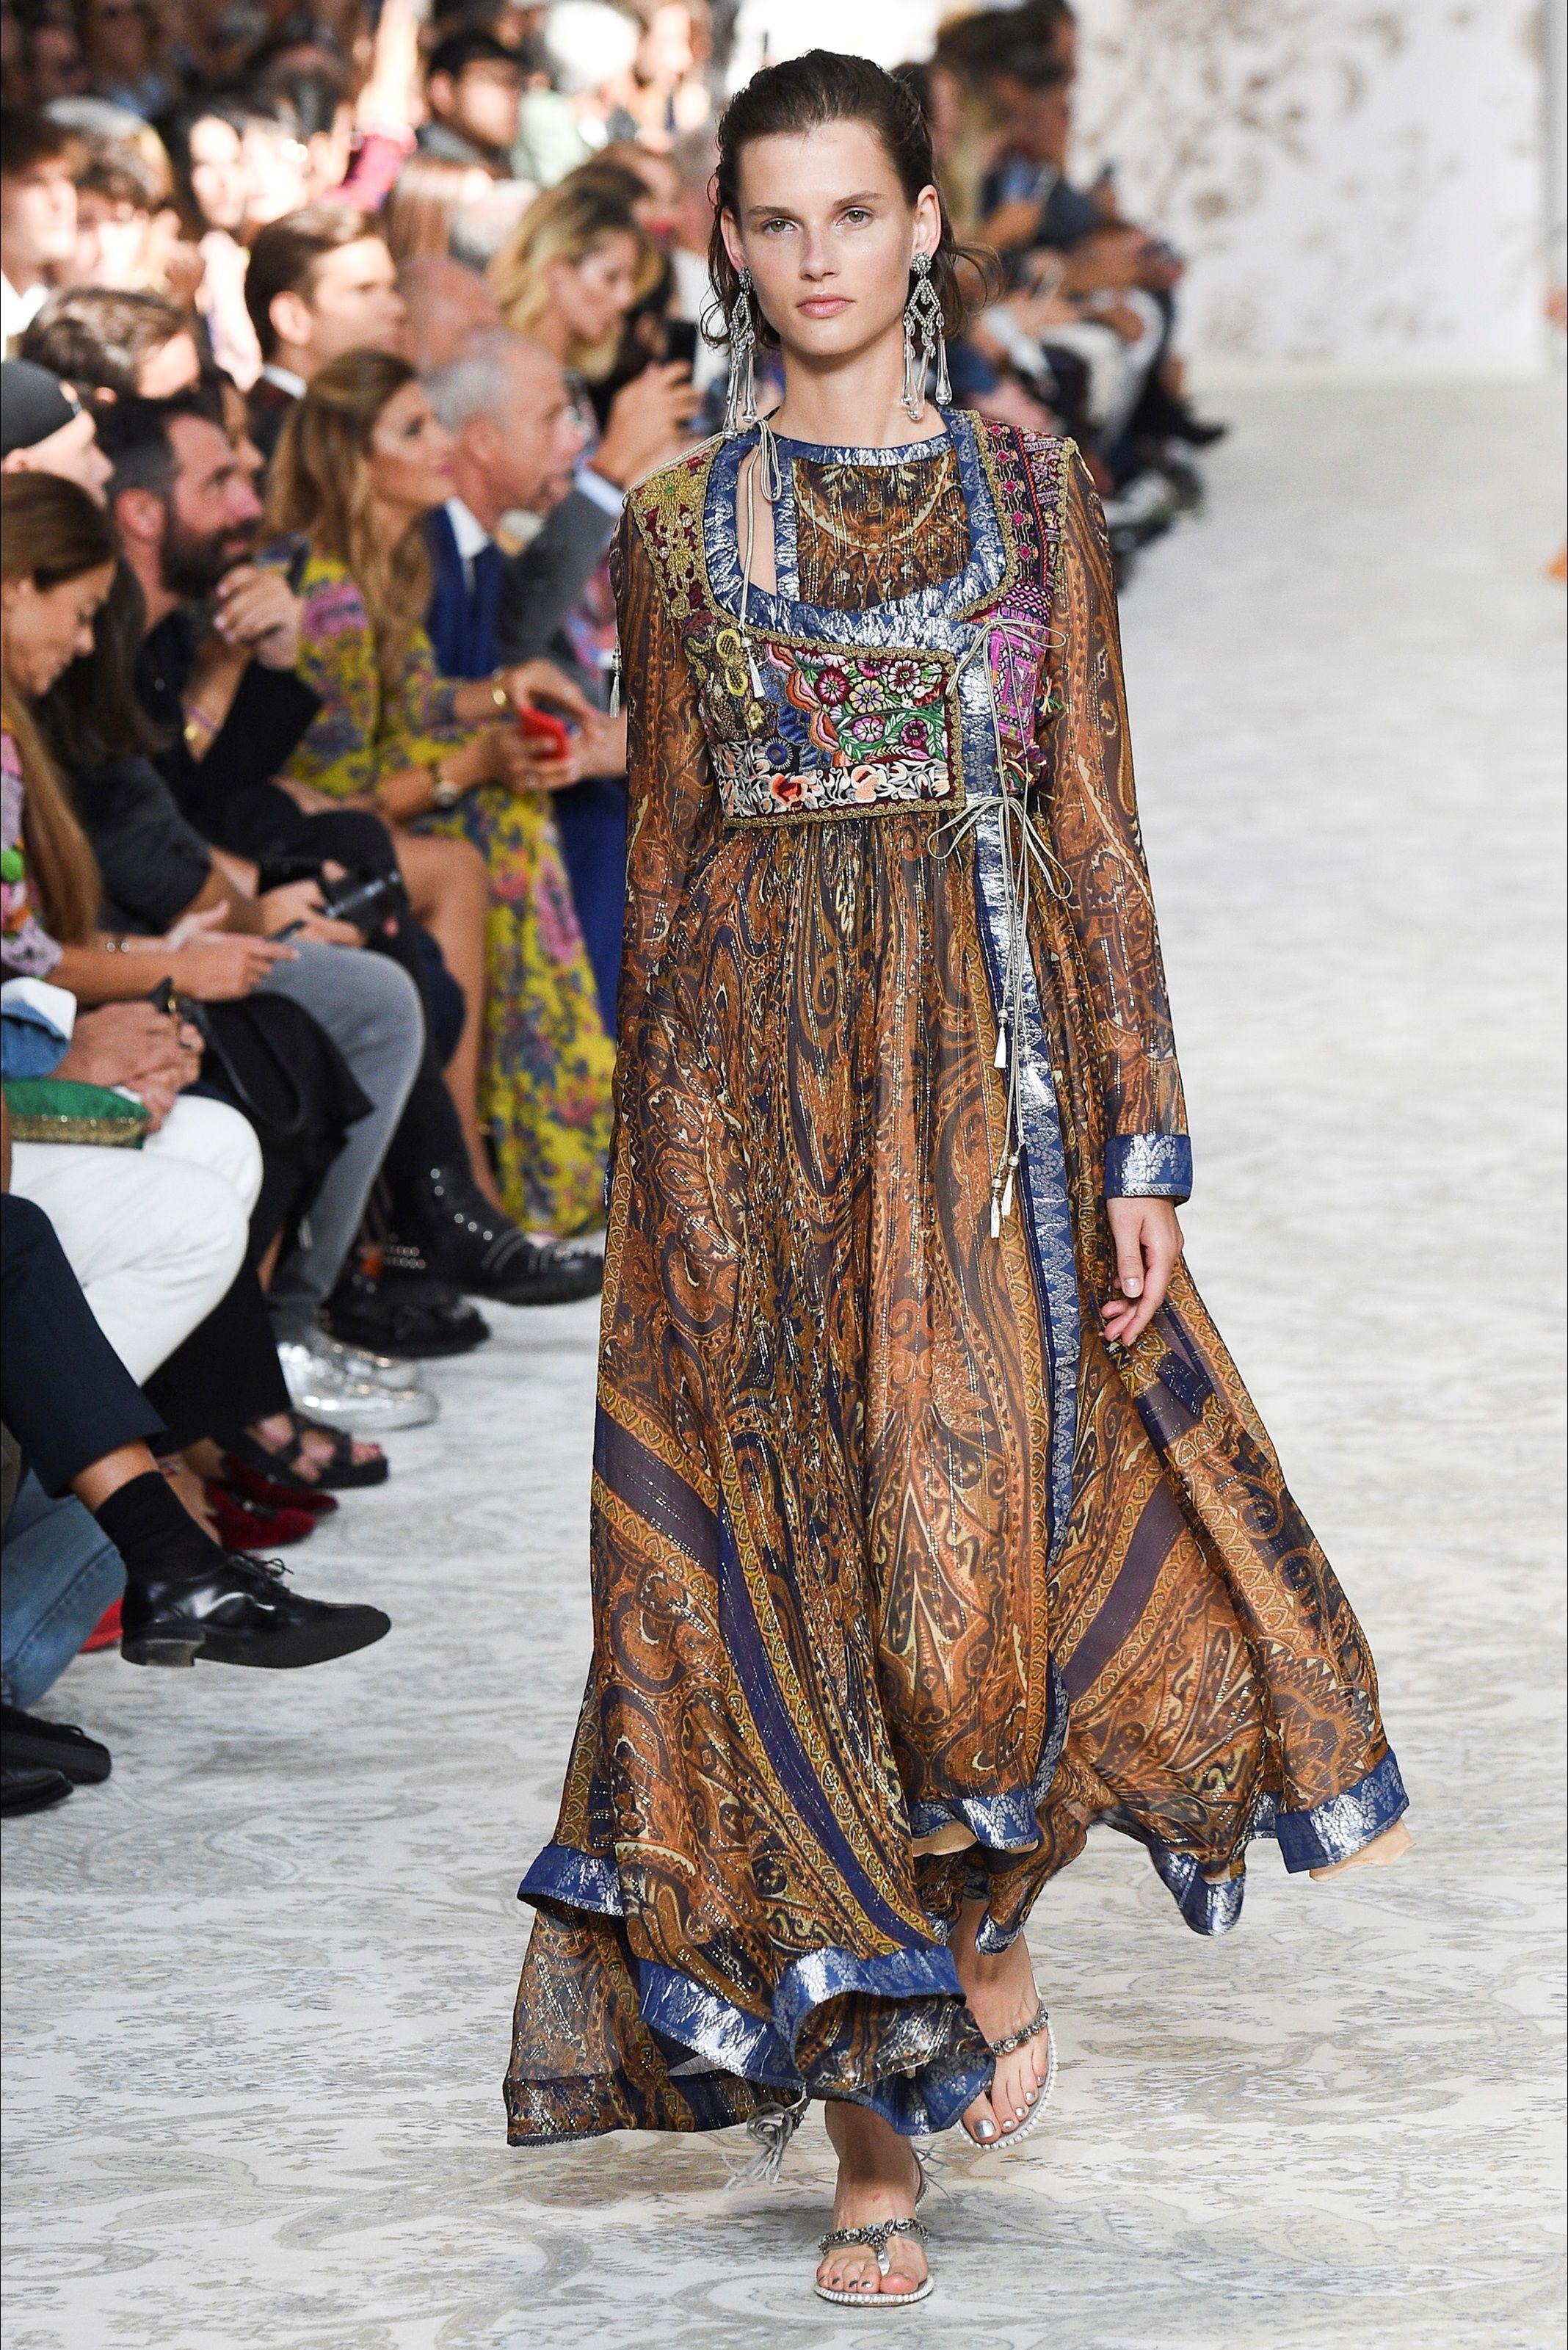 655d700e753a Guarda la sfilata di moda Etro a Milano e scopri la collezione di abiti e  accessori per la stagione Collezioni Primavera Estate 2018.